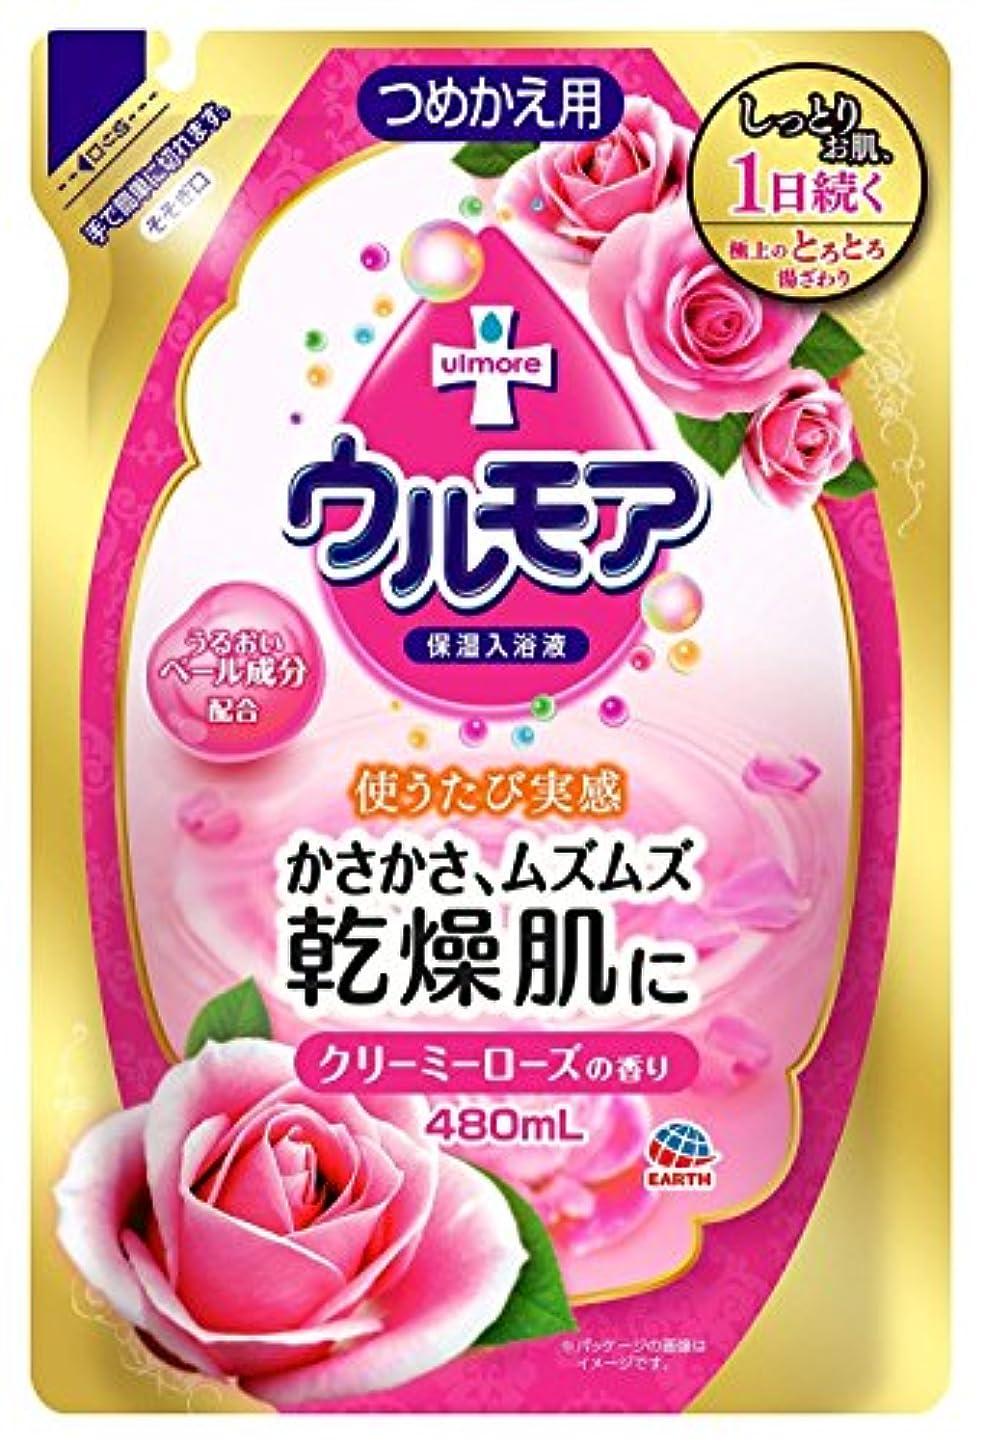 これらアフリカ人ミュート【アース製薬】保湿入浴液ウルモアクリーミーローズの香り 詰替え用 480ml ×5個セット